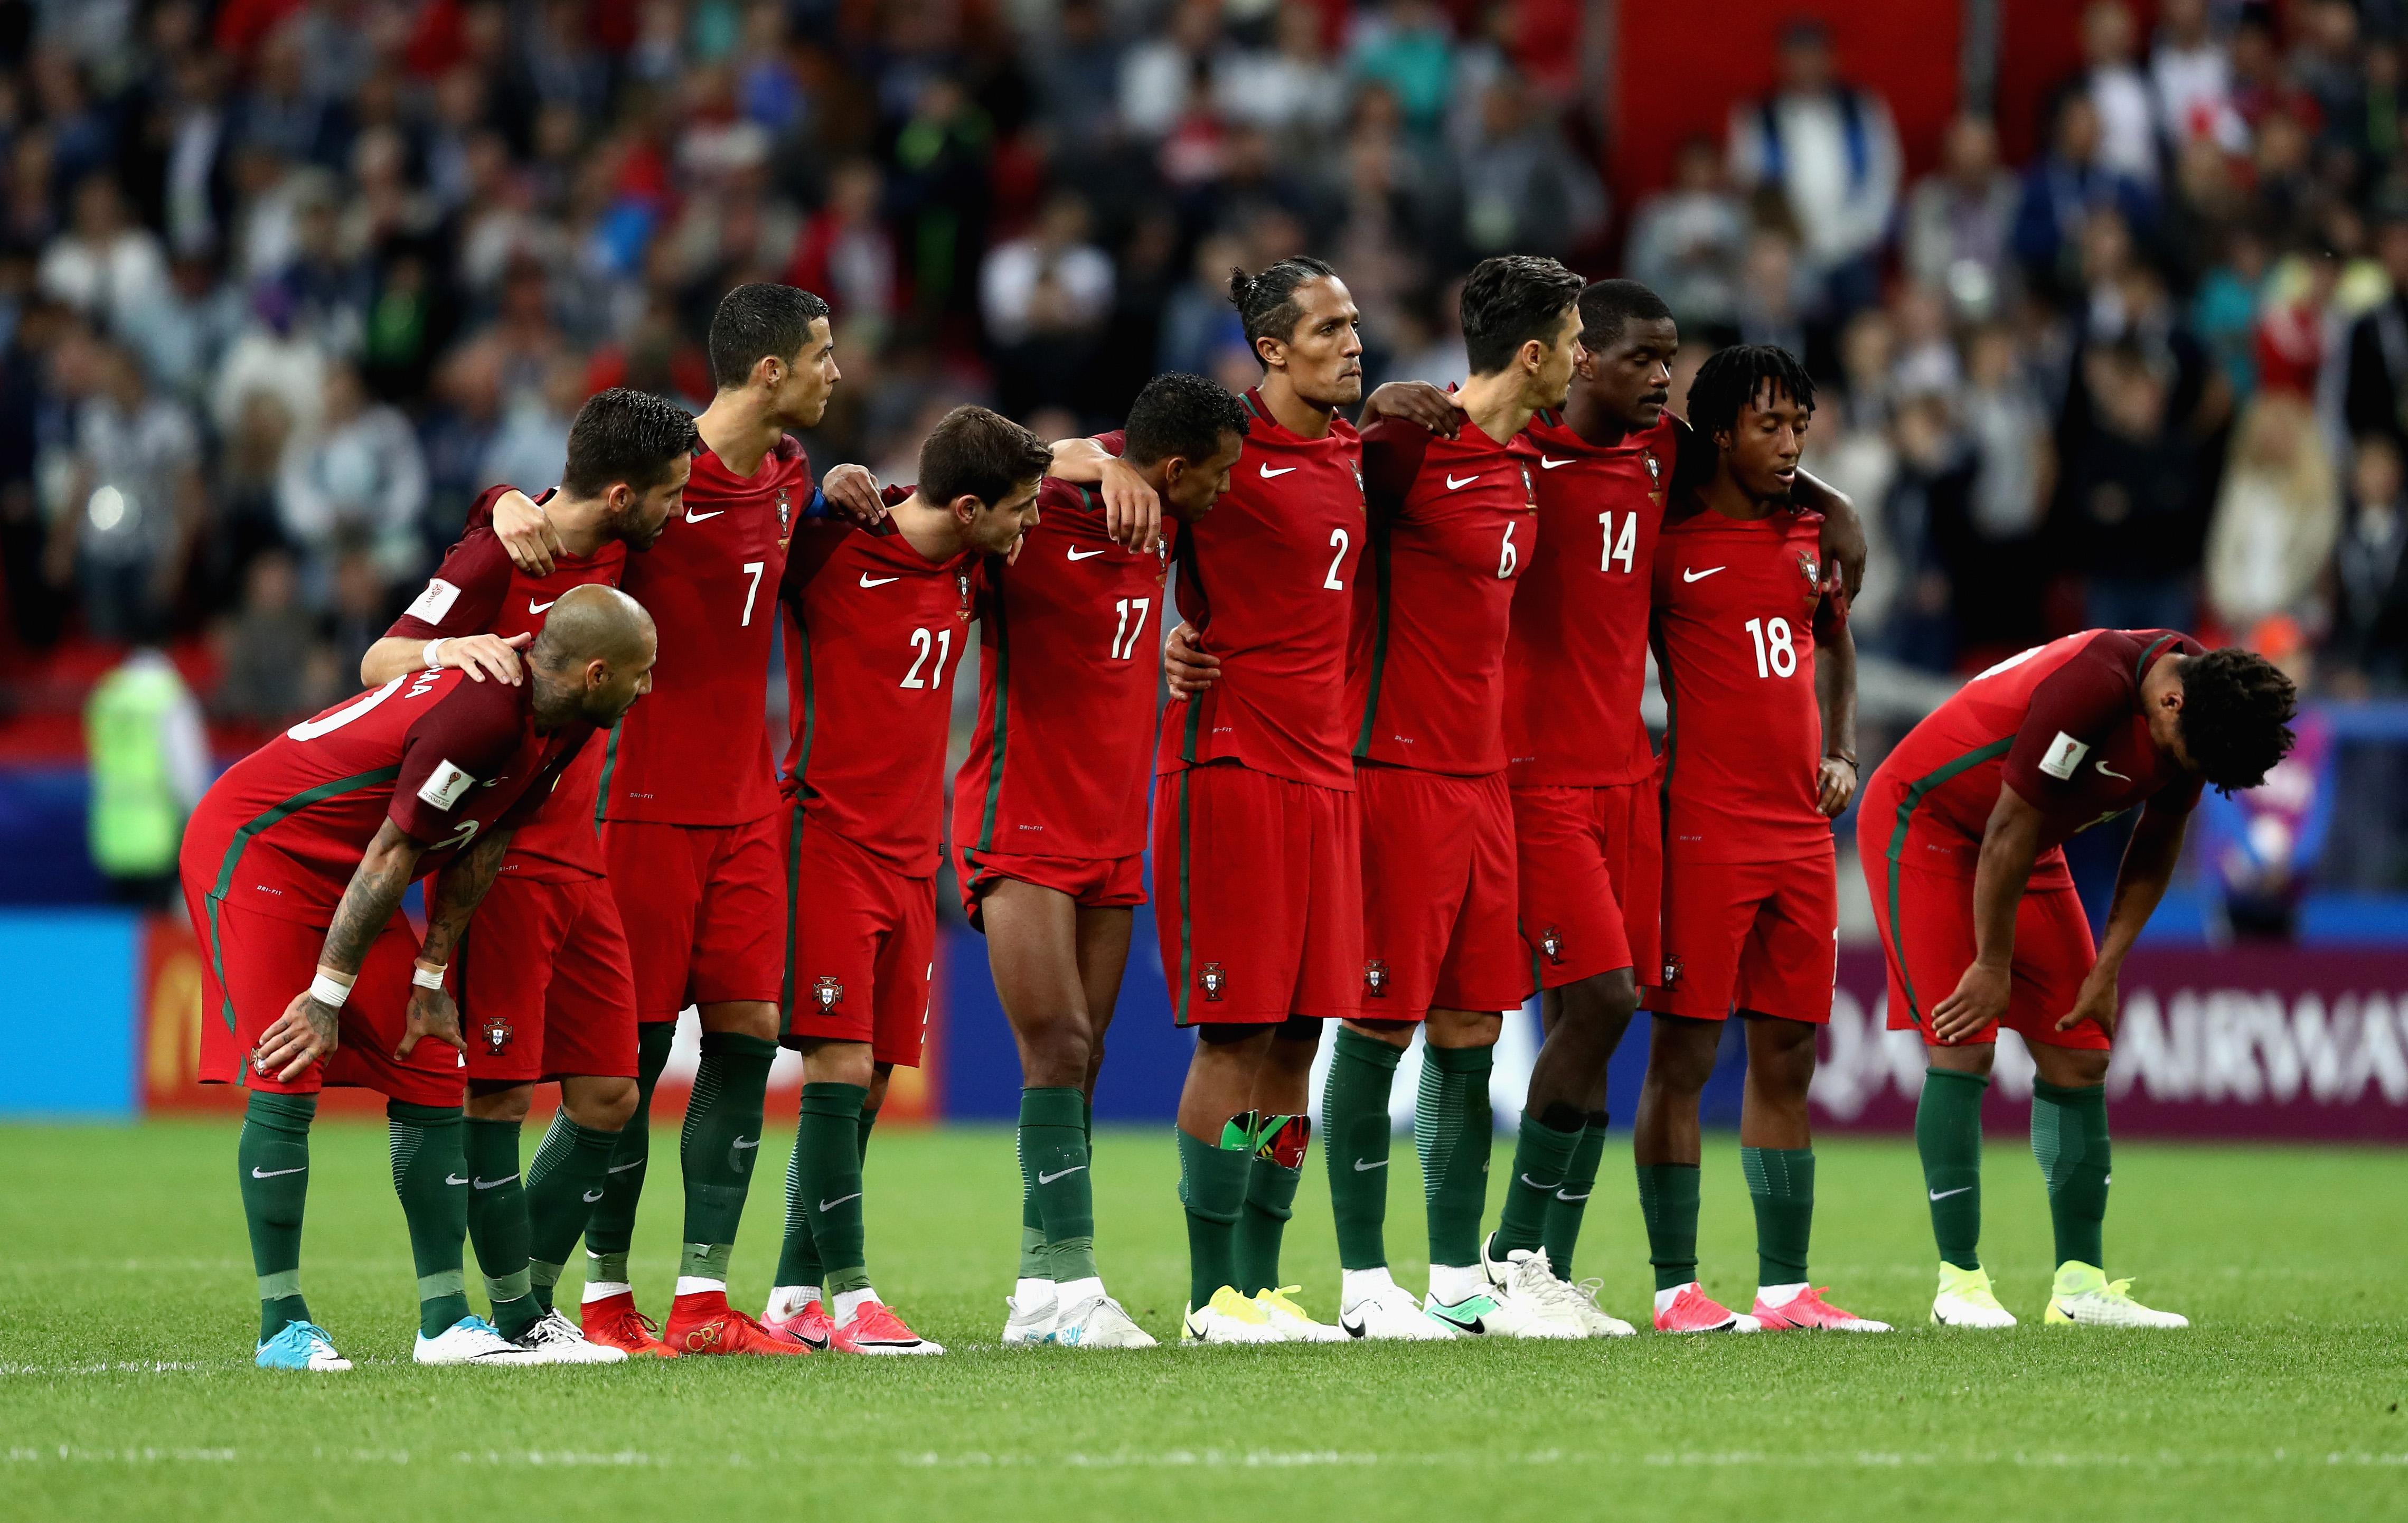 Матч португалия мексика 2018 когда